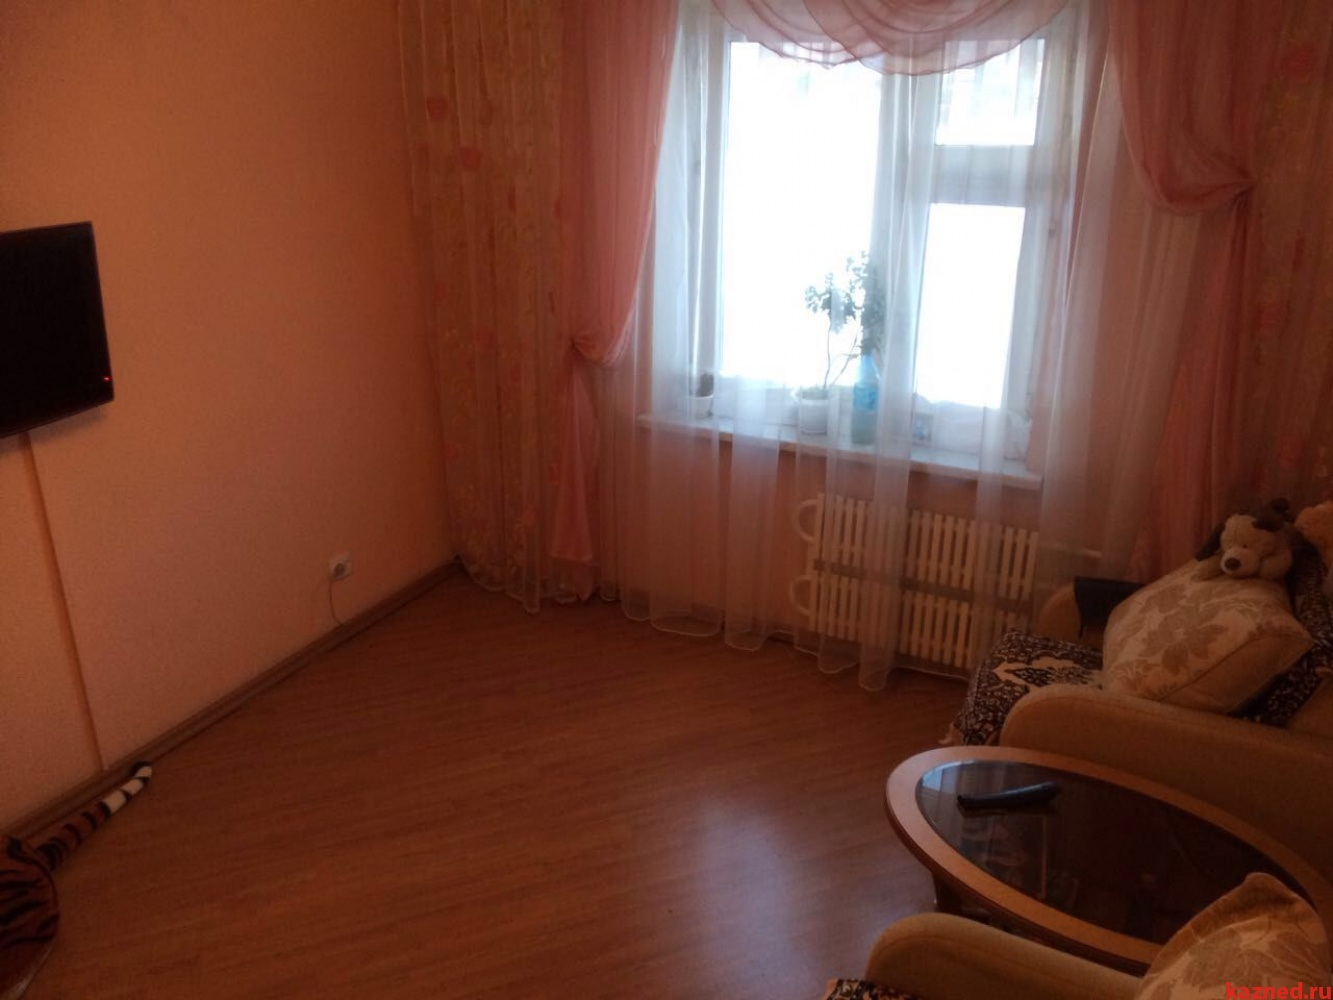 Продажа 1-к квартиры Джаудата Файзи д.10А, 36 м² (миниатюра №7)